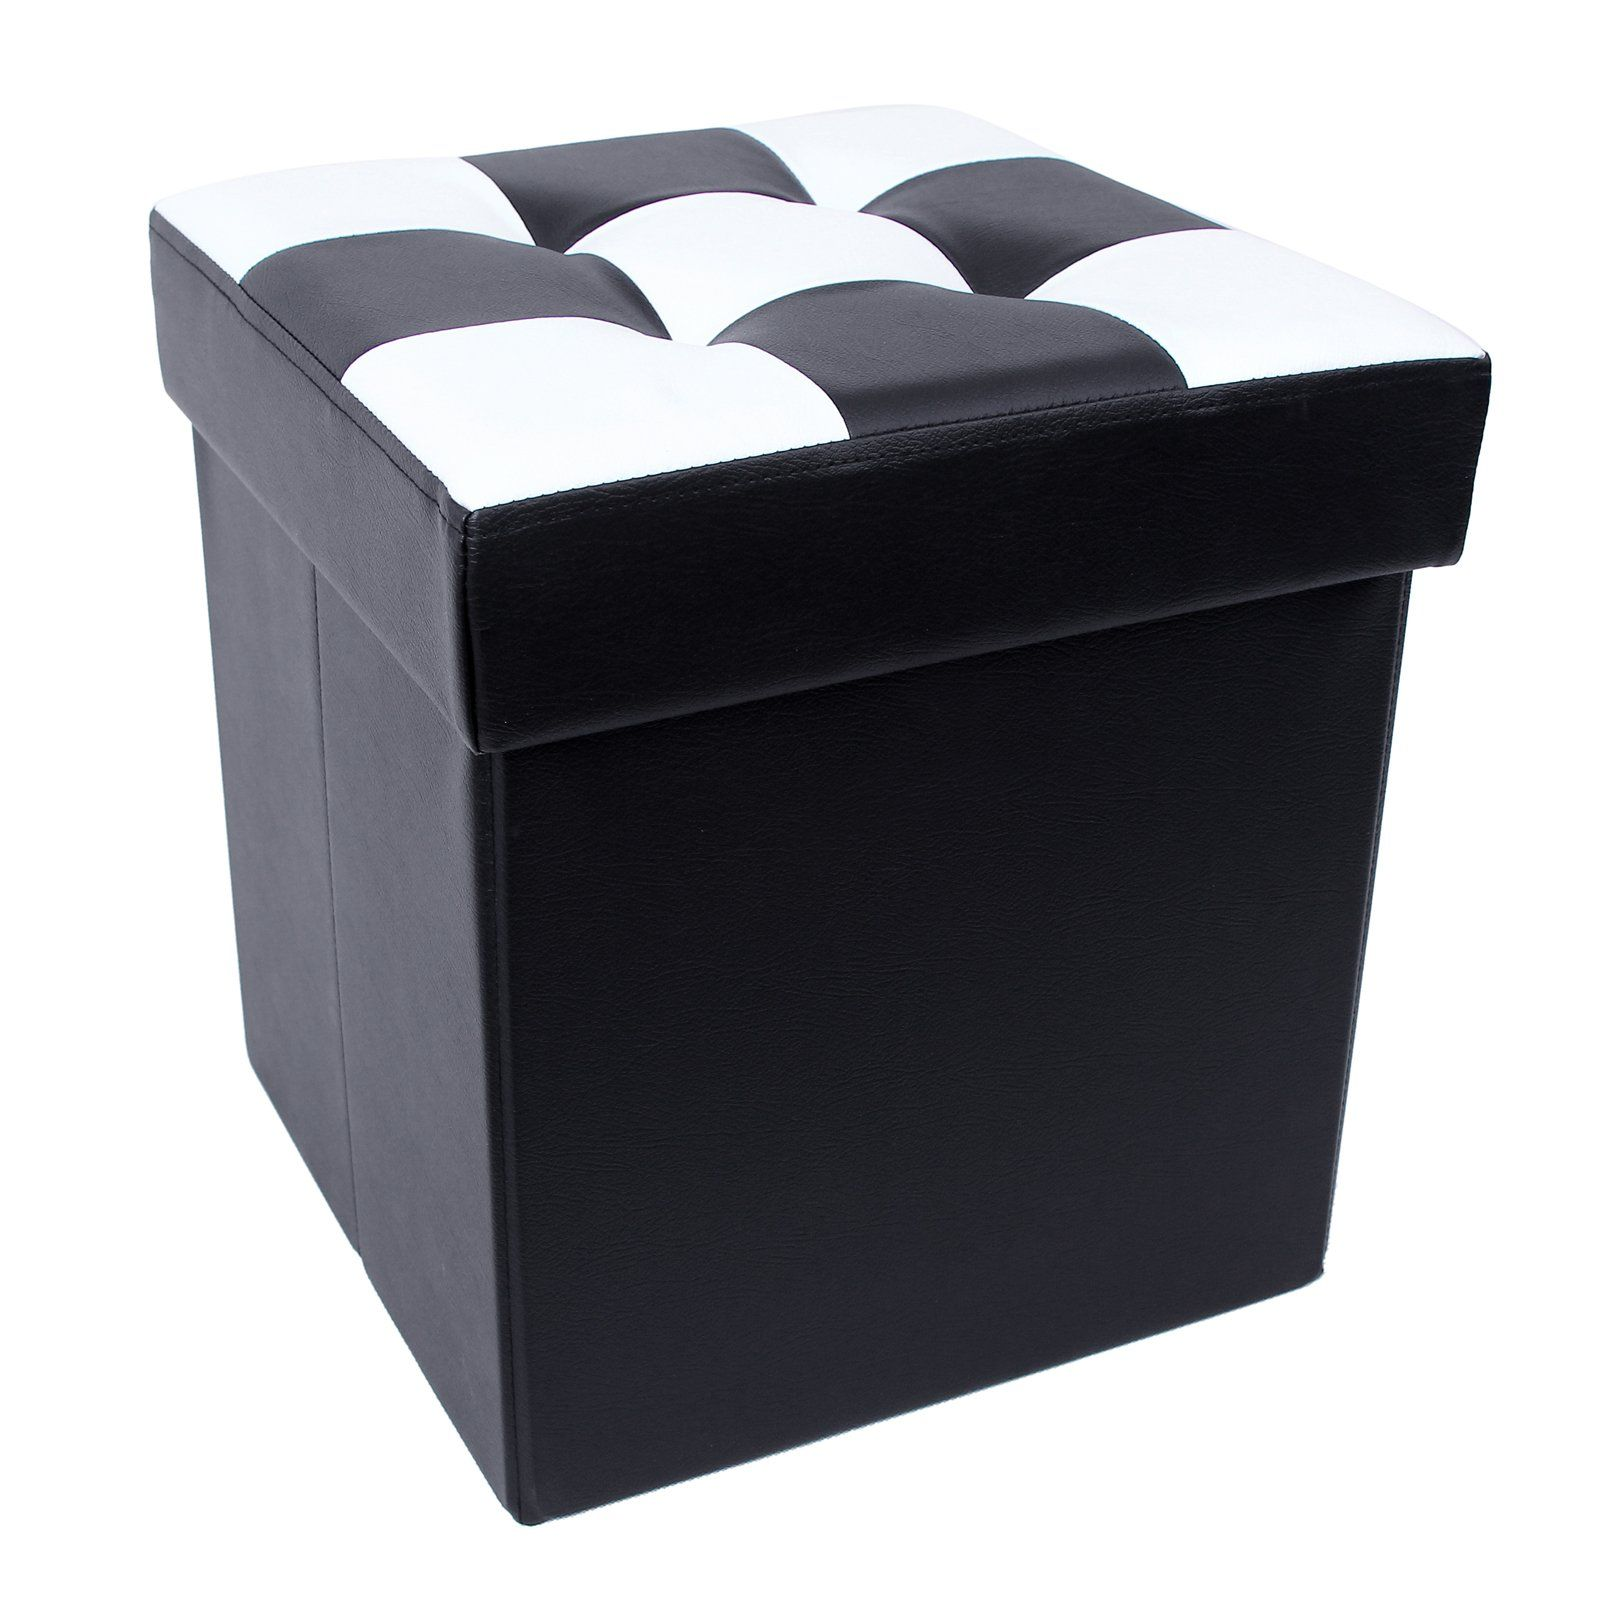 Songmics 40x38x38 Cm Tabouret Cube Pouf De Pliable Coffre Boite De Rangement Noir Blanc Amazon Fr Cuisine Maiso Pouf Rangement Rangement Noir Rangement